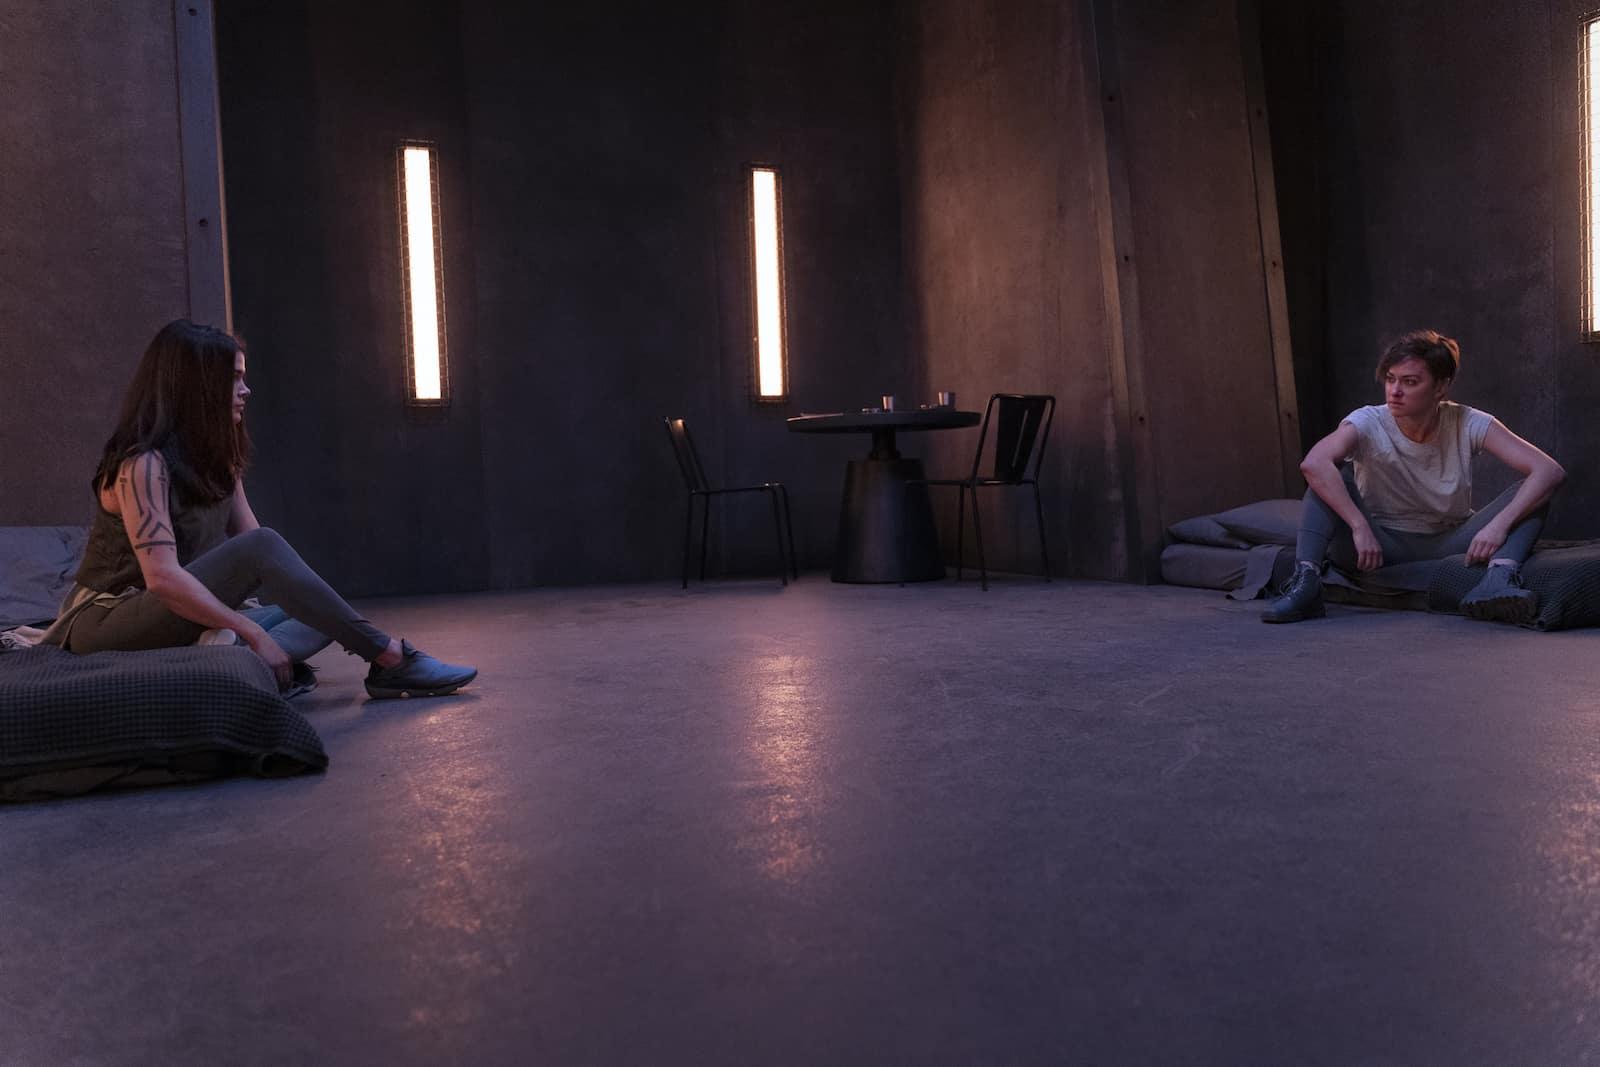 Marie Avgeropoulos como Octavia y Tasya Teles como Echo en The 100 7x07